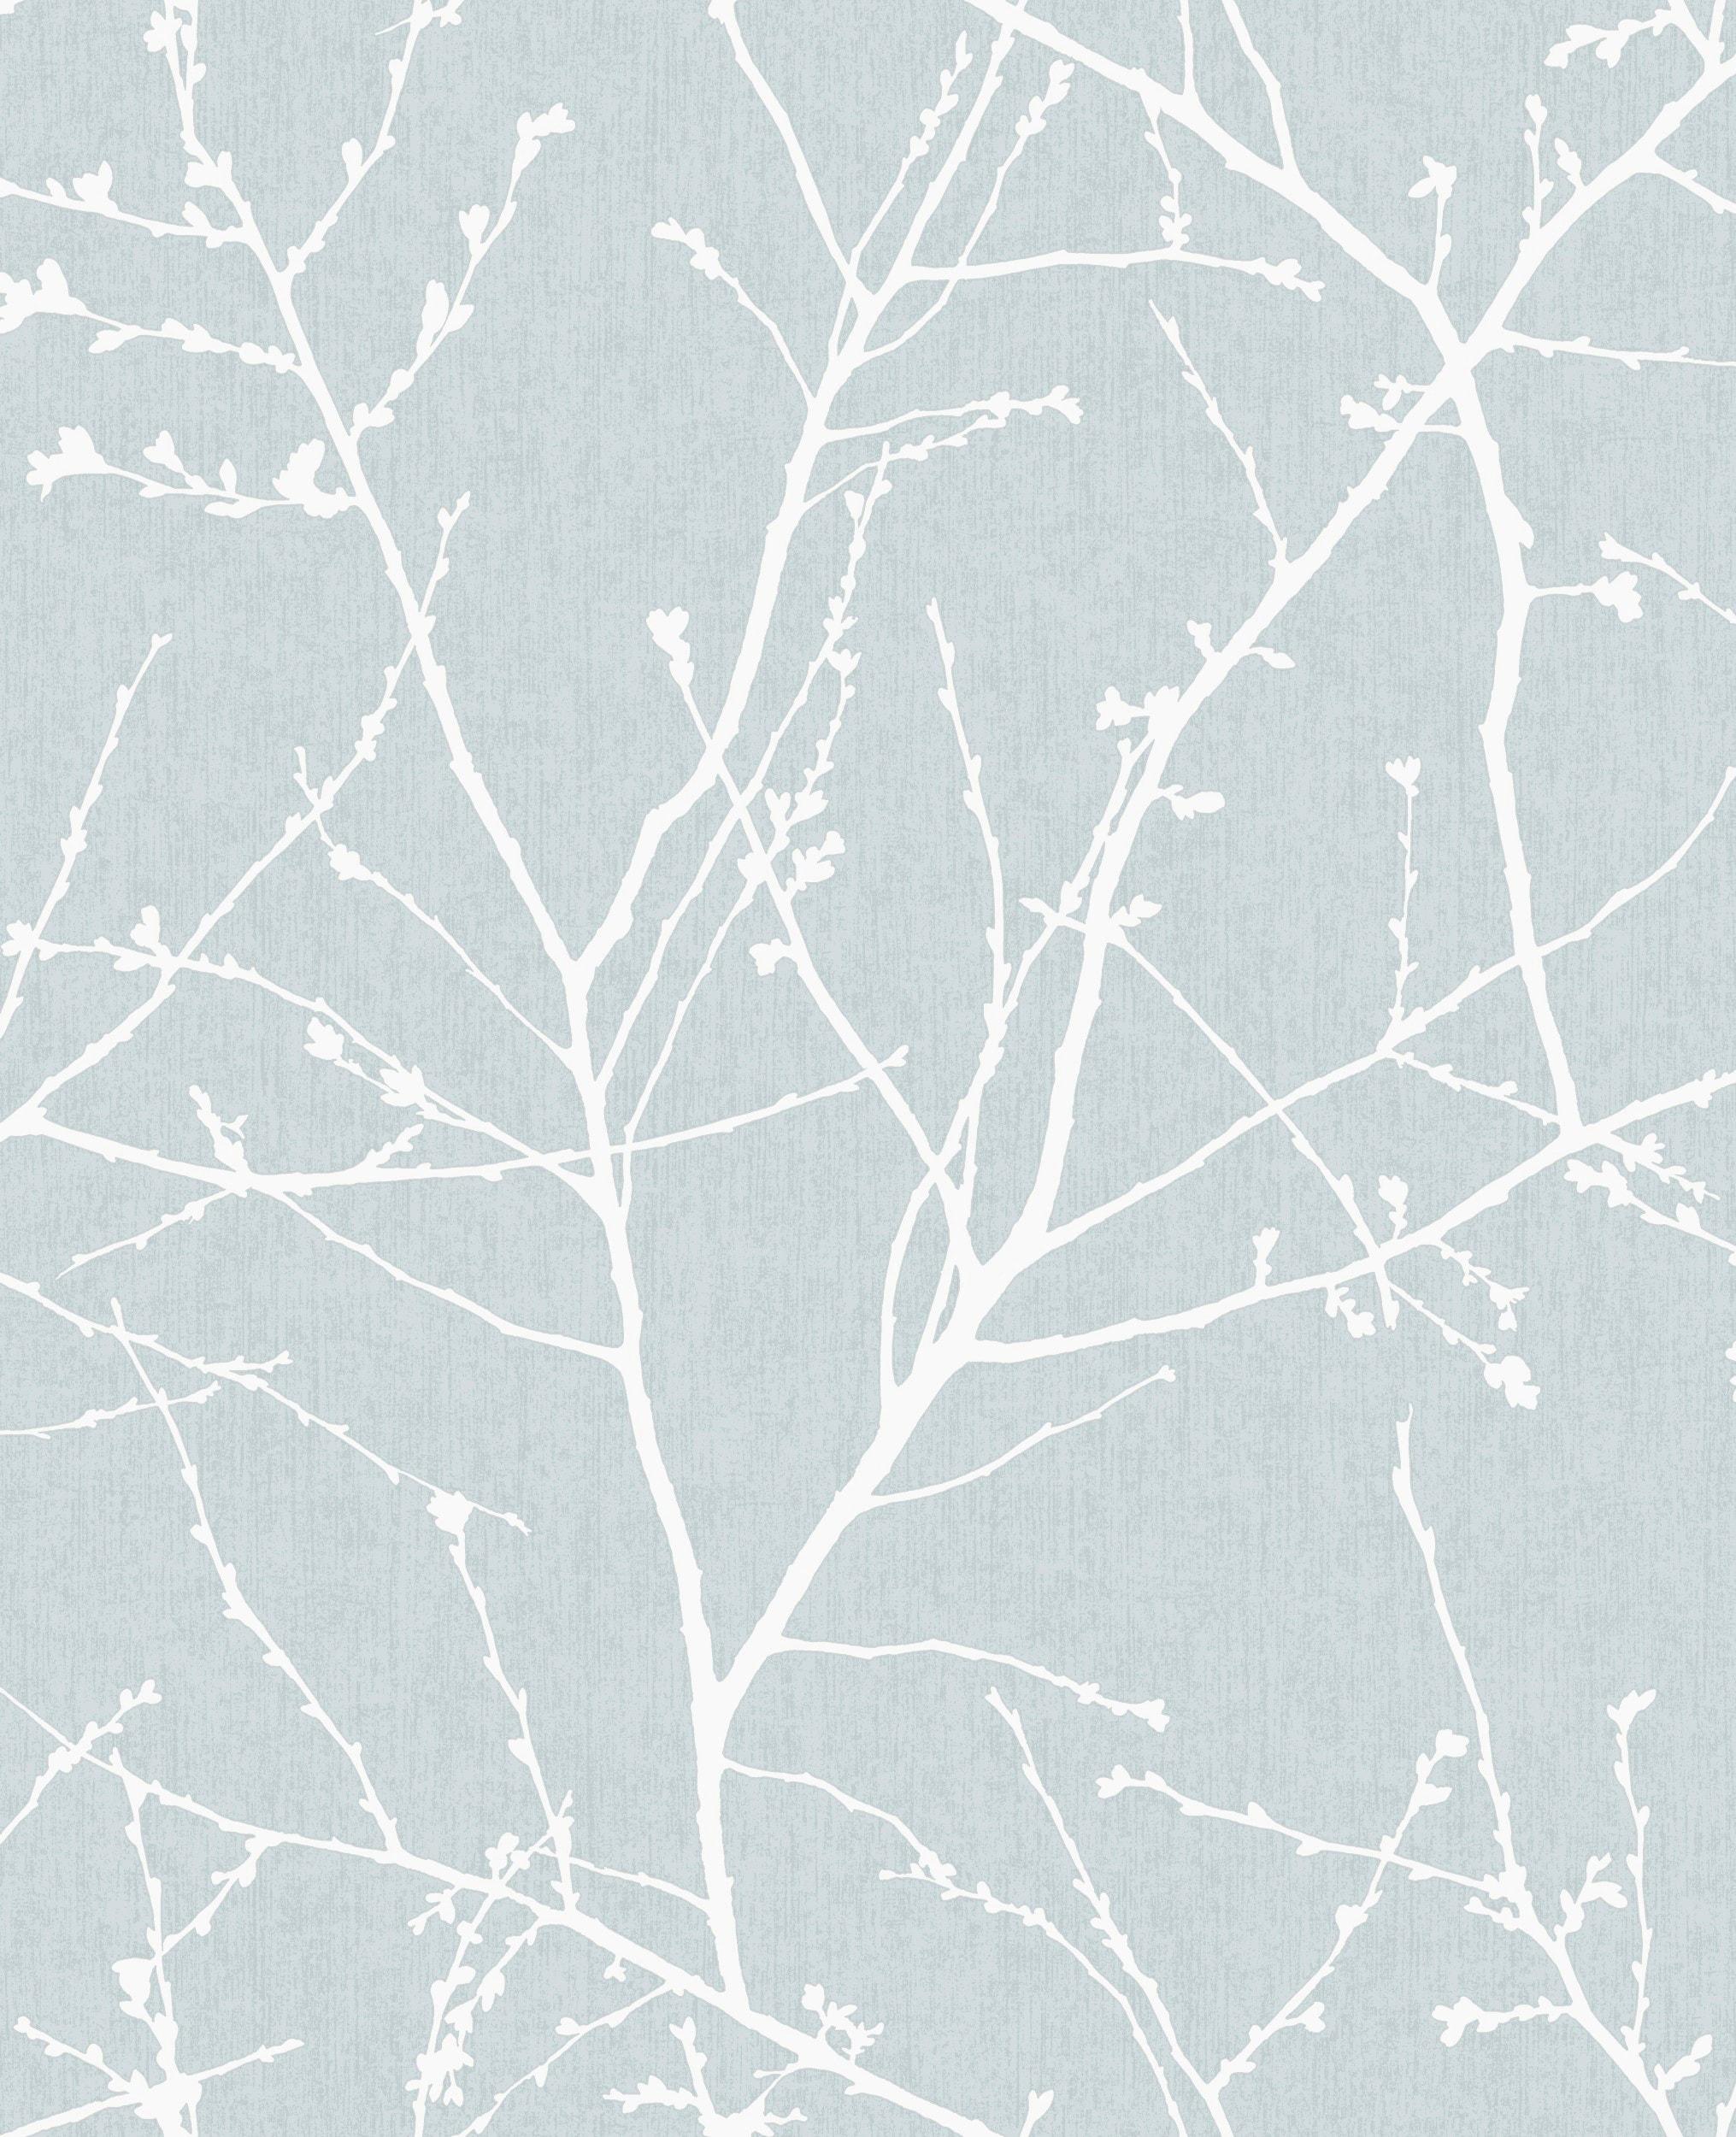 SUPERFRESCO-EASY-Vliestapete-Innocence-1000-cm-Laenge-Vinyltapeten-Tapeten Indexbild 4